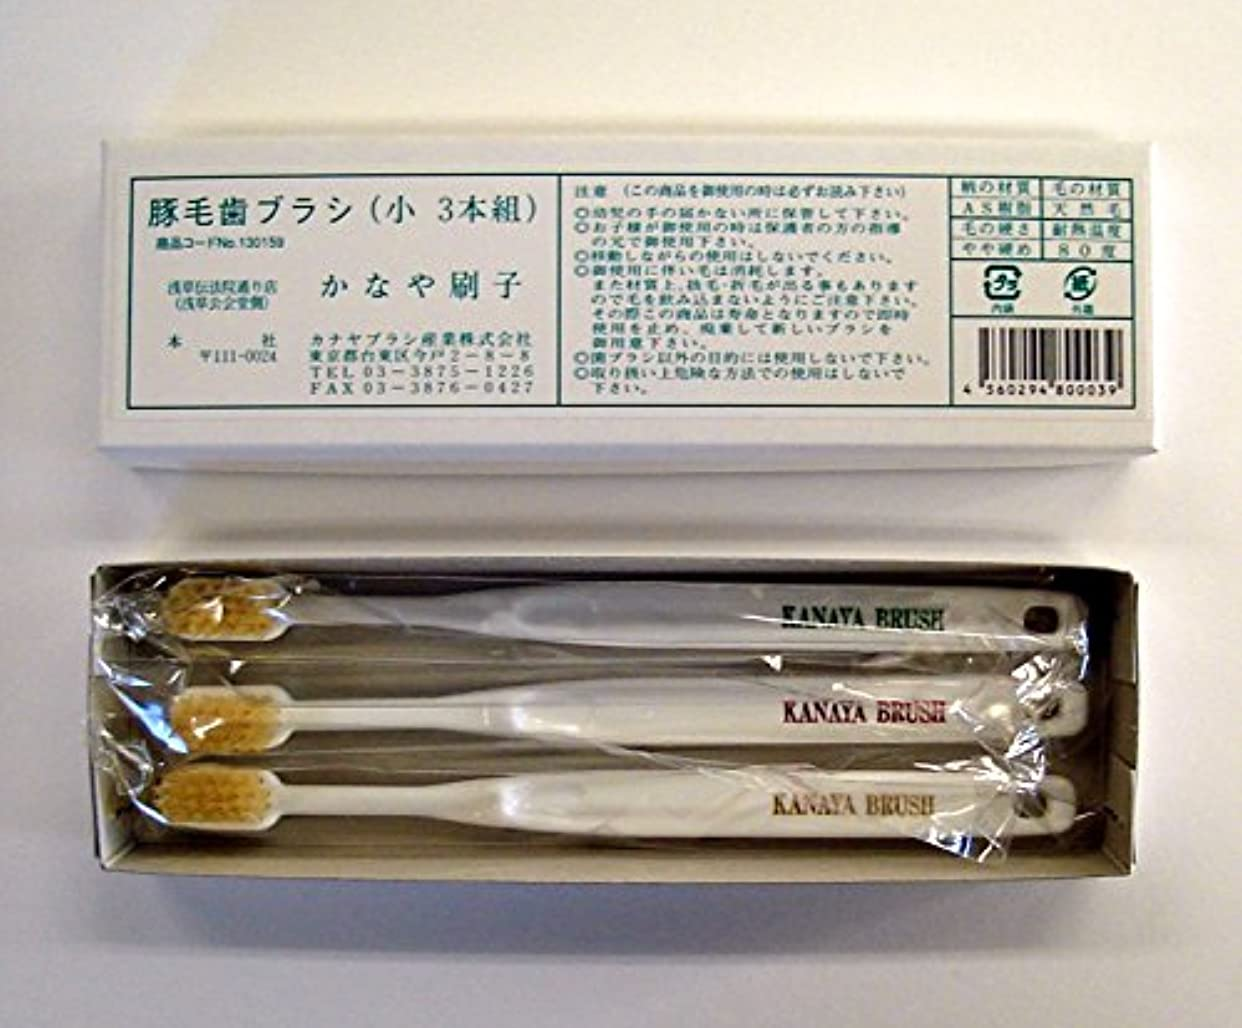 政権ポゴスティックジャンプブロンズ豚毛歯ブラシ(3本入り) 絶品! カナヤブラシ製品 毛質:硬め (小)